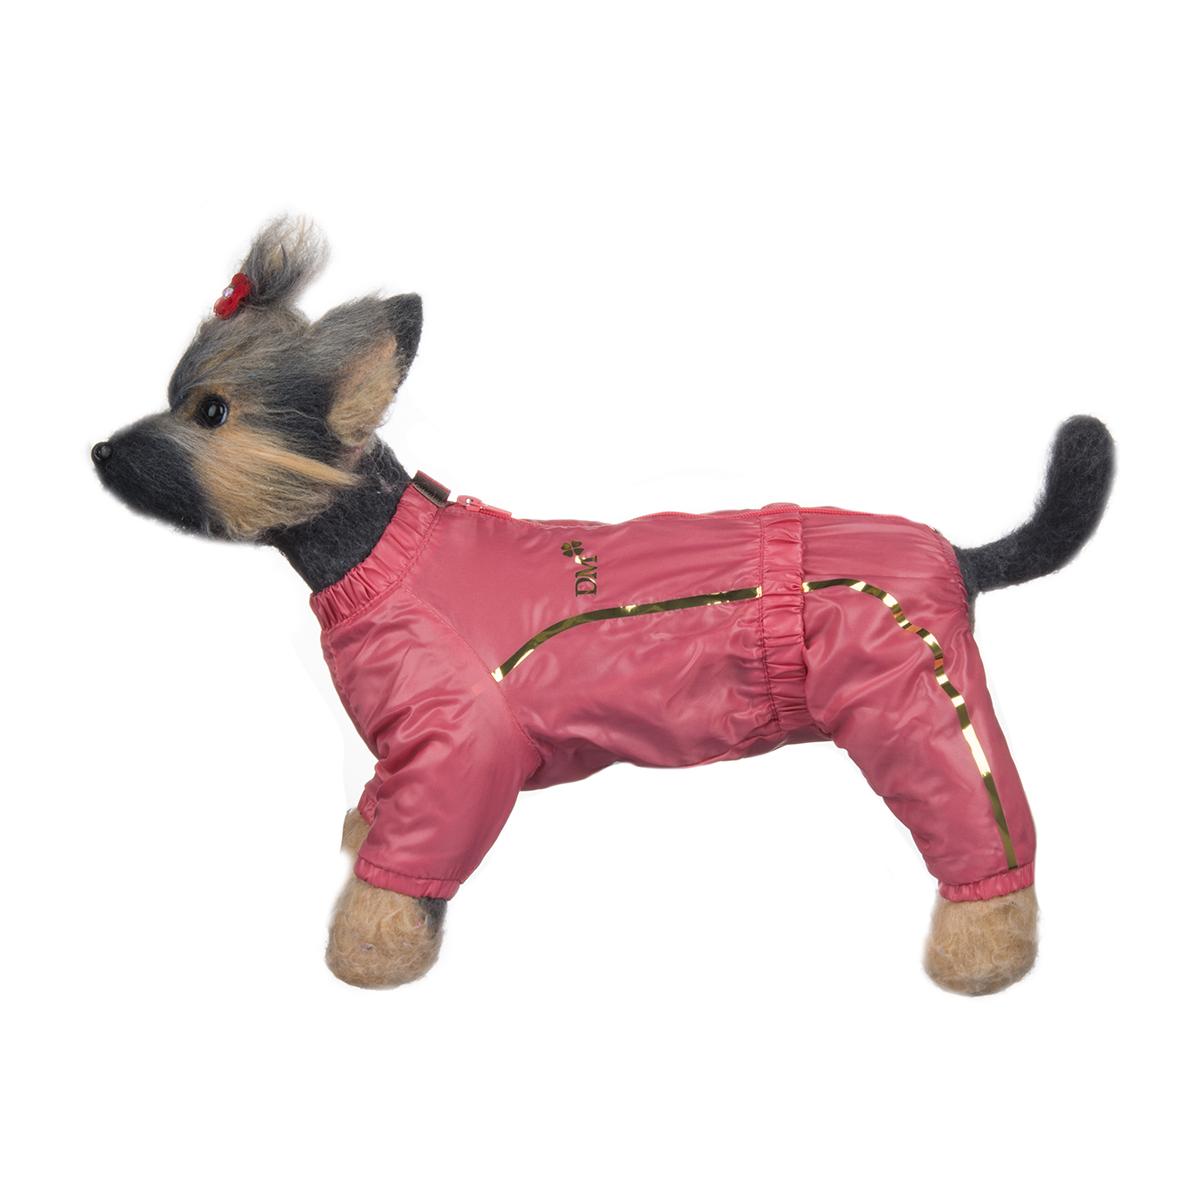 Комбинезон для собак Dogmoda Альпы, для девочки, цвет: коралловый. Размер 3 (L)DM-150326-3Комбинезон для собак Dogmoda Альпы отлично подойдет для прогулок поздней осенью или ранней весной. Комбинезон изготовлен из полиэстера, защищающего от ветра и осадков, с подкладкой из флиса, которая сохранит тепло и обеспечит отличный воздухообмен. Комбинезон застегивается на молнию и липучку, благодаря чему его легко надевать и снимать. Ворот, низ рукавов и брючин оснащены внутренними резинками, которые мягко обхватывают шею и лапки, не позволяя просачиваться холодному воздуху. На пояснице имеется внутренняя резинка. Изделие декорировано золотистыми полосками и надписью DM.Благодаря такому комбинезону простуда не грозит вашему питомцу и он не даст любимцу продрогнуть на прогулке.Одежда для собак: нужна ли она и как её выбрать. Статья OZON Гид